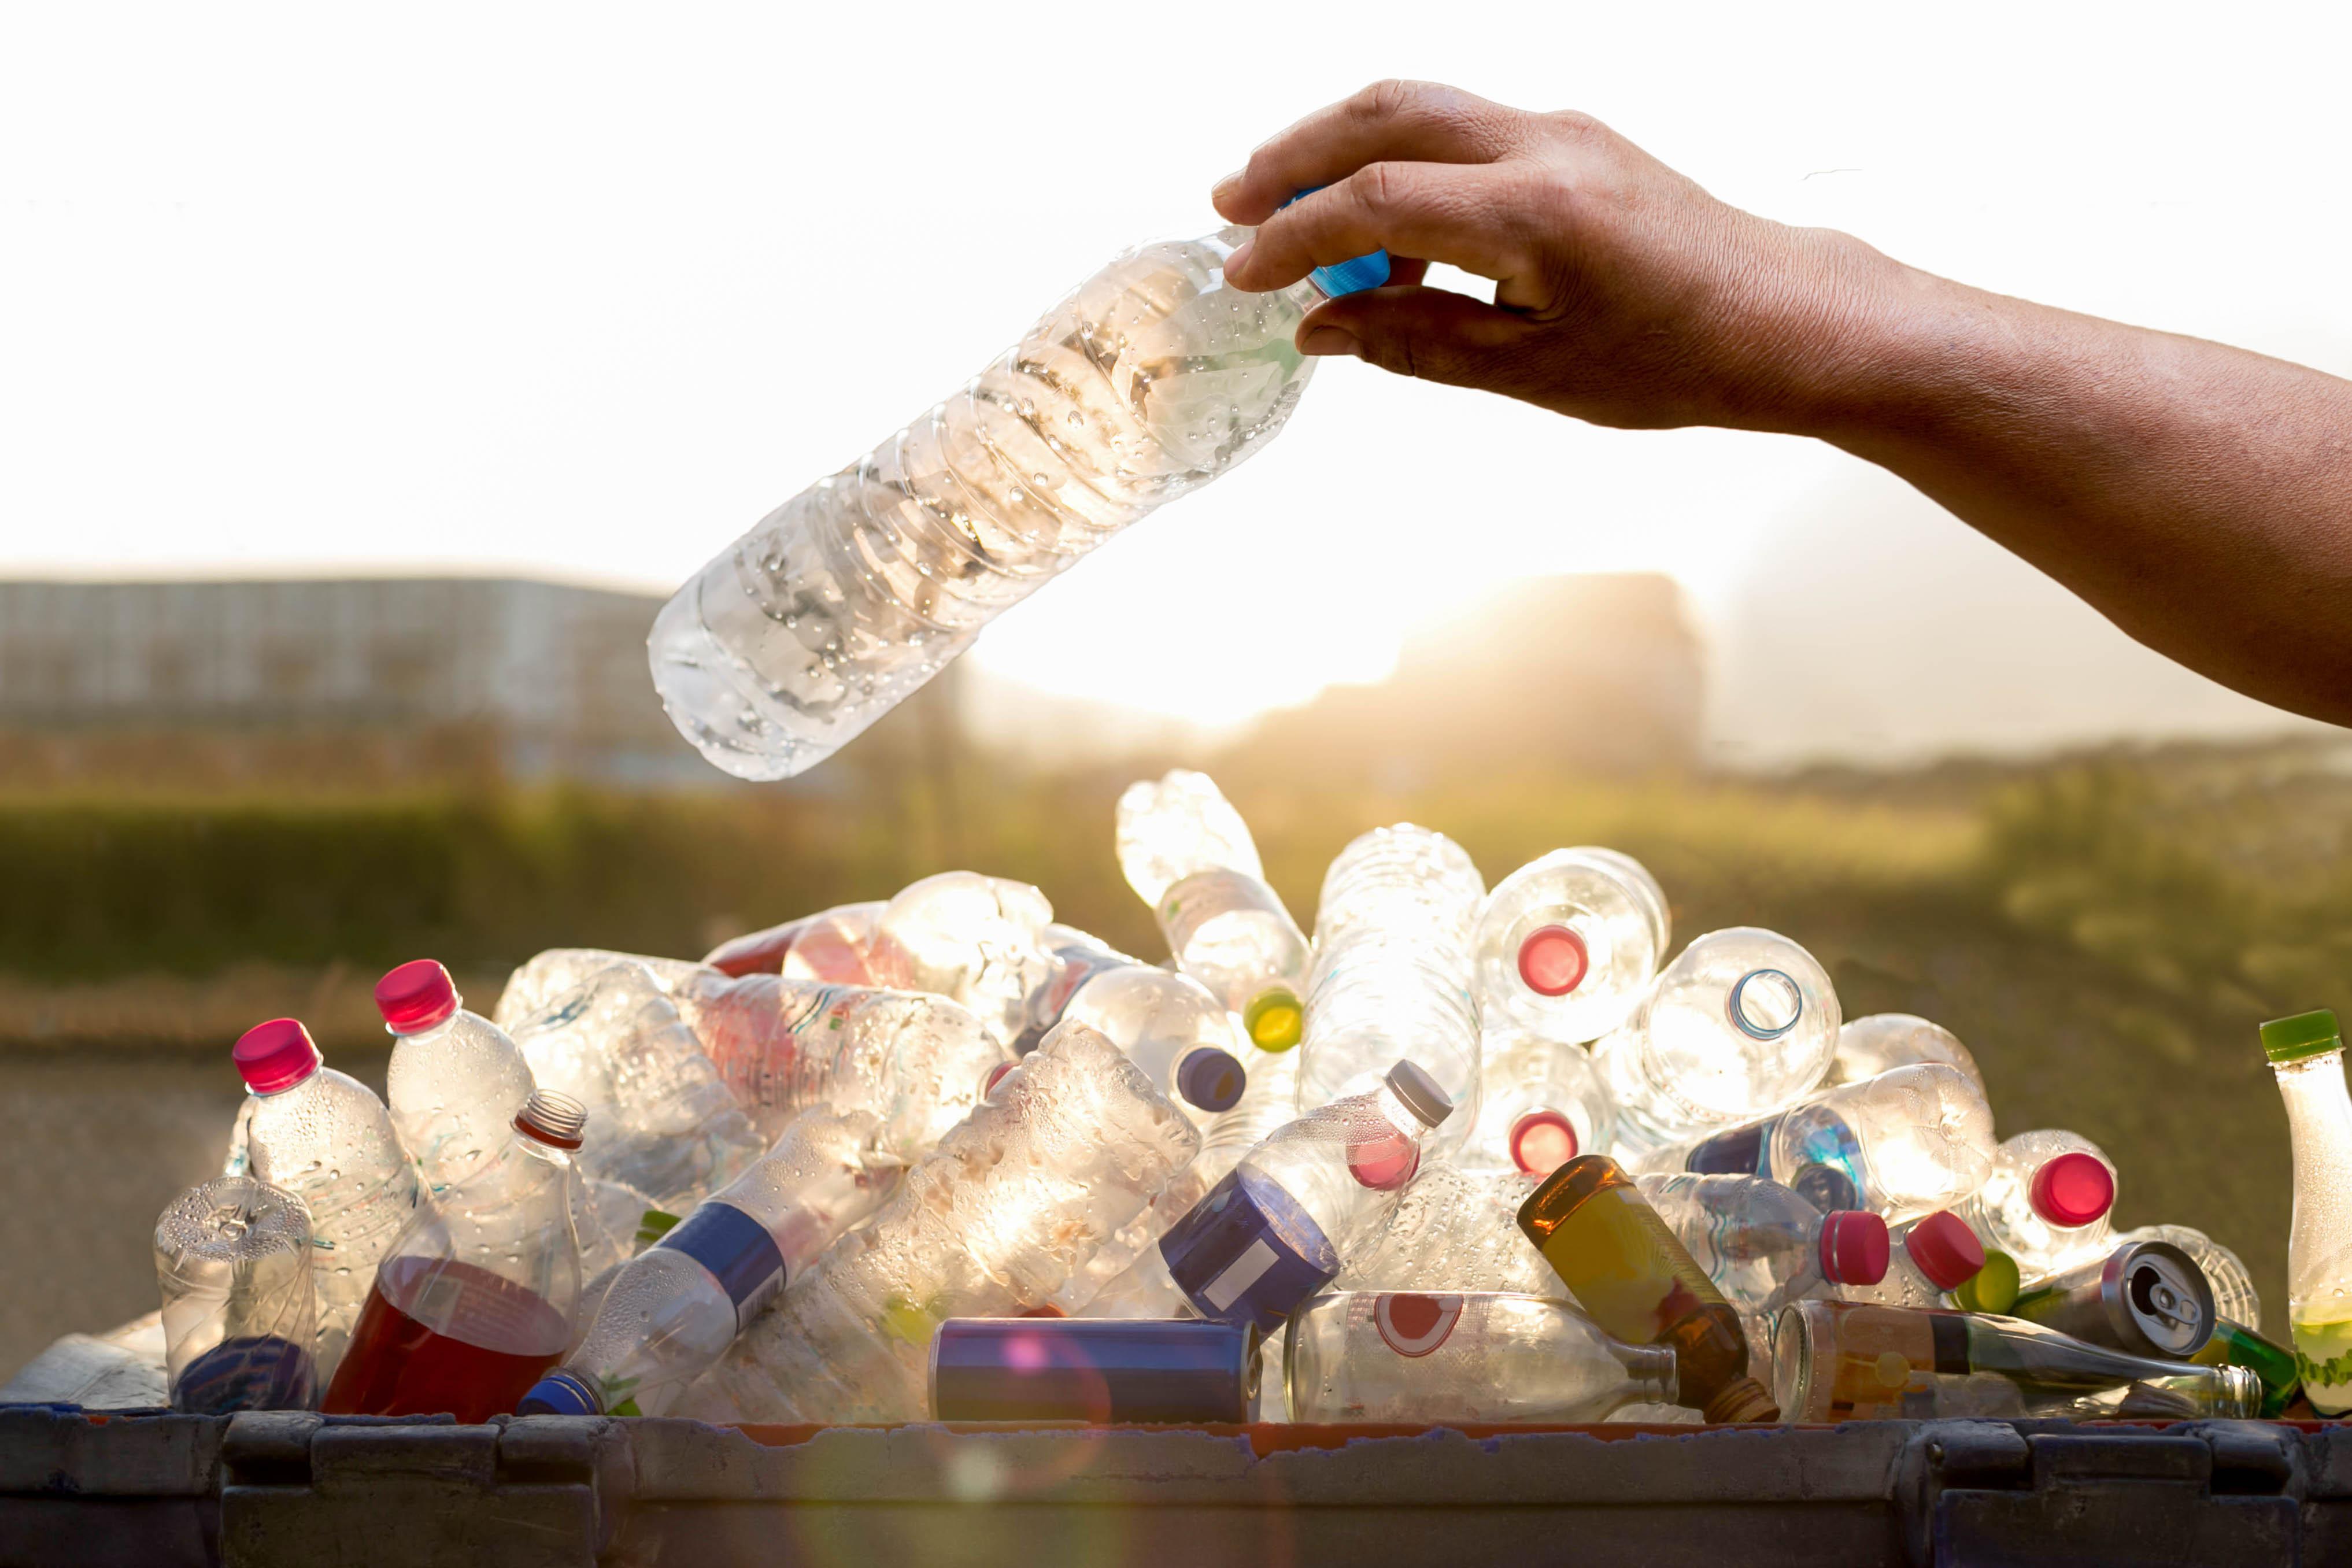 plastic bottles / Bignai, Shutterstock